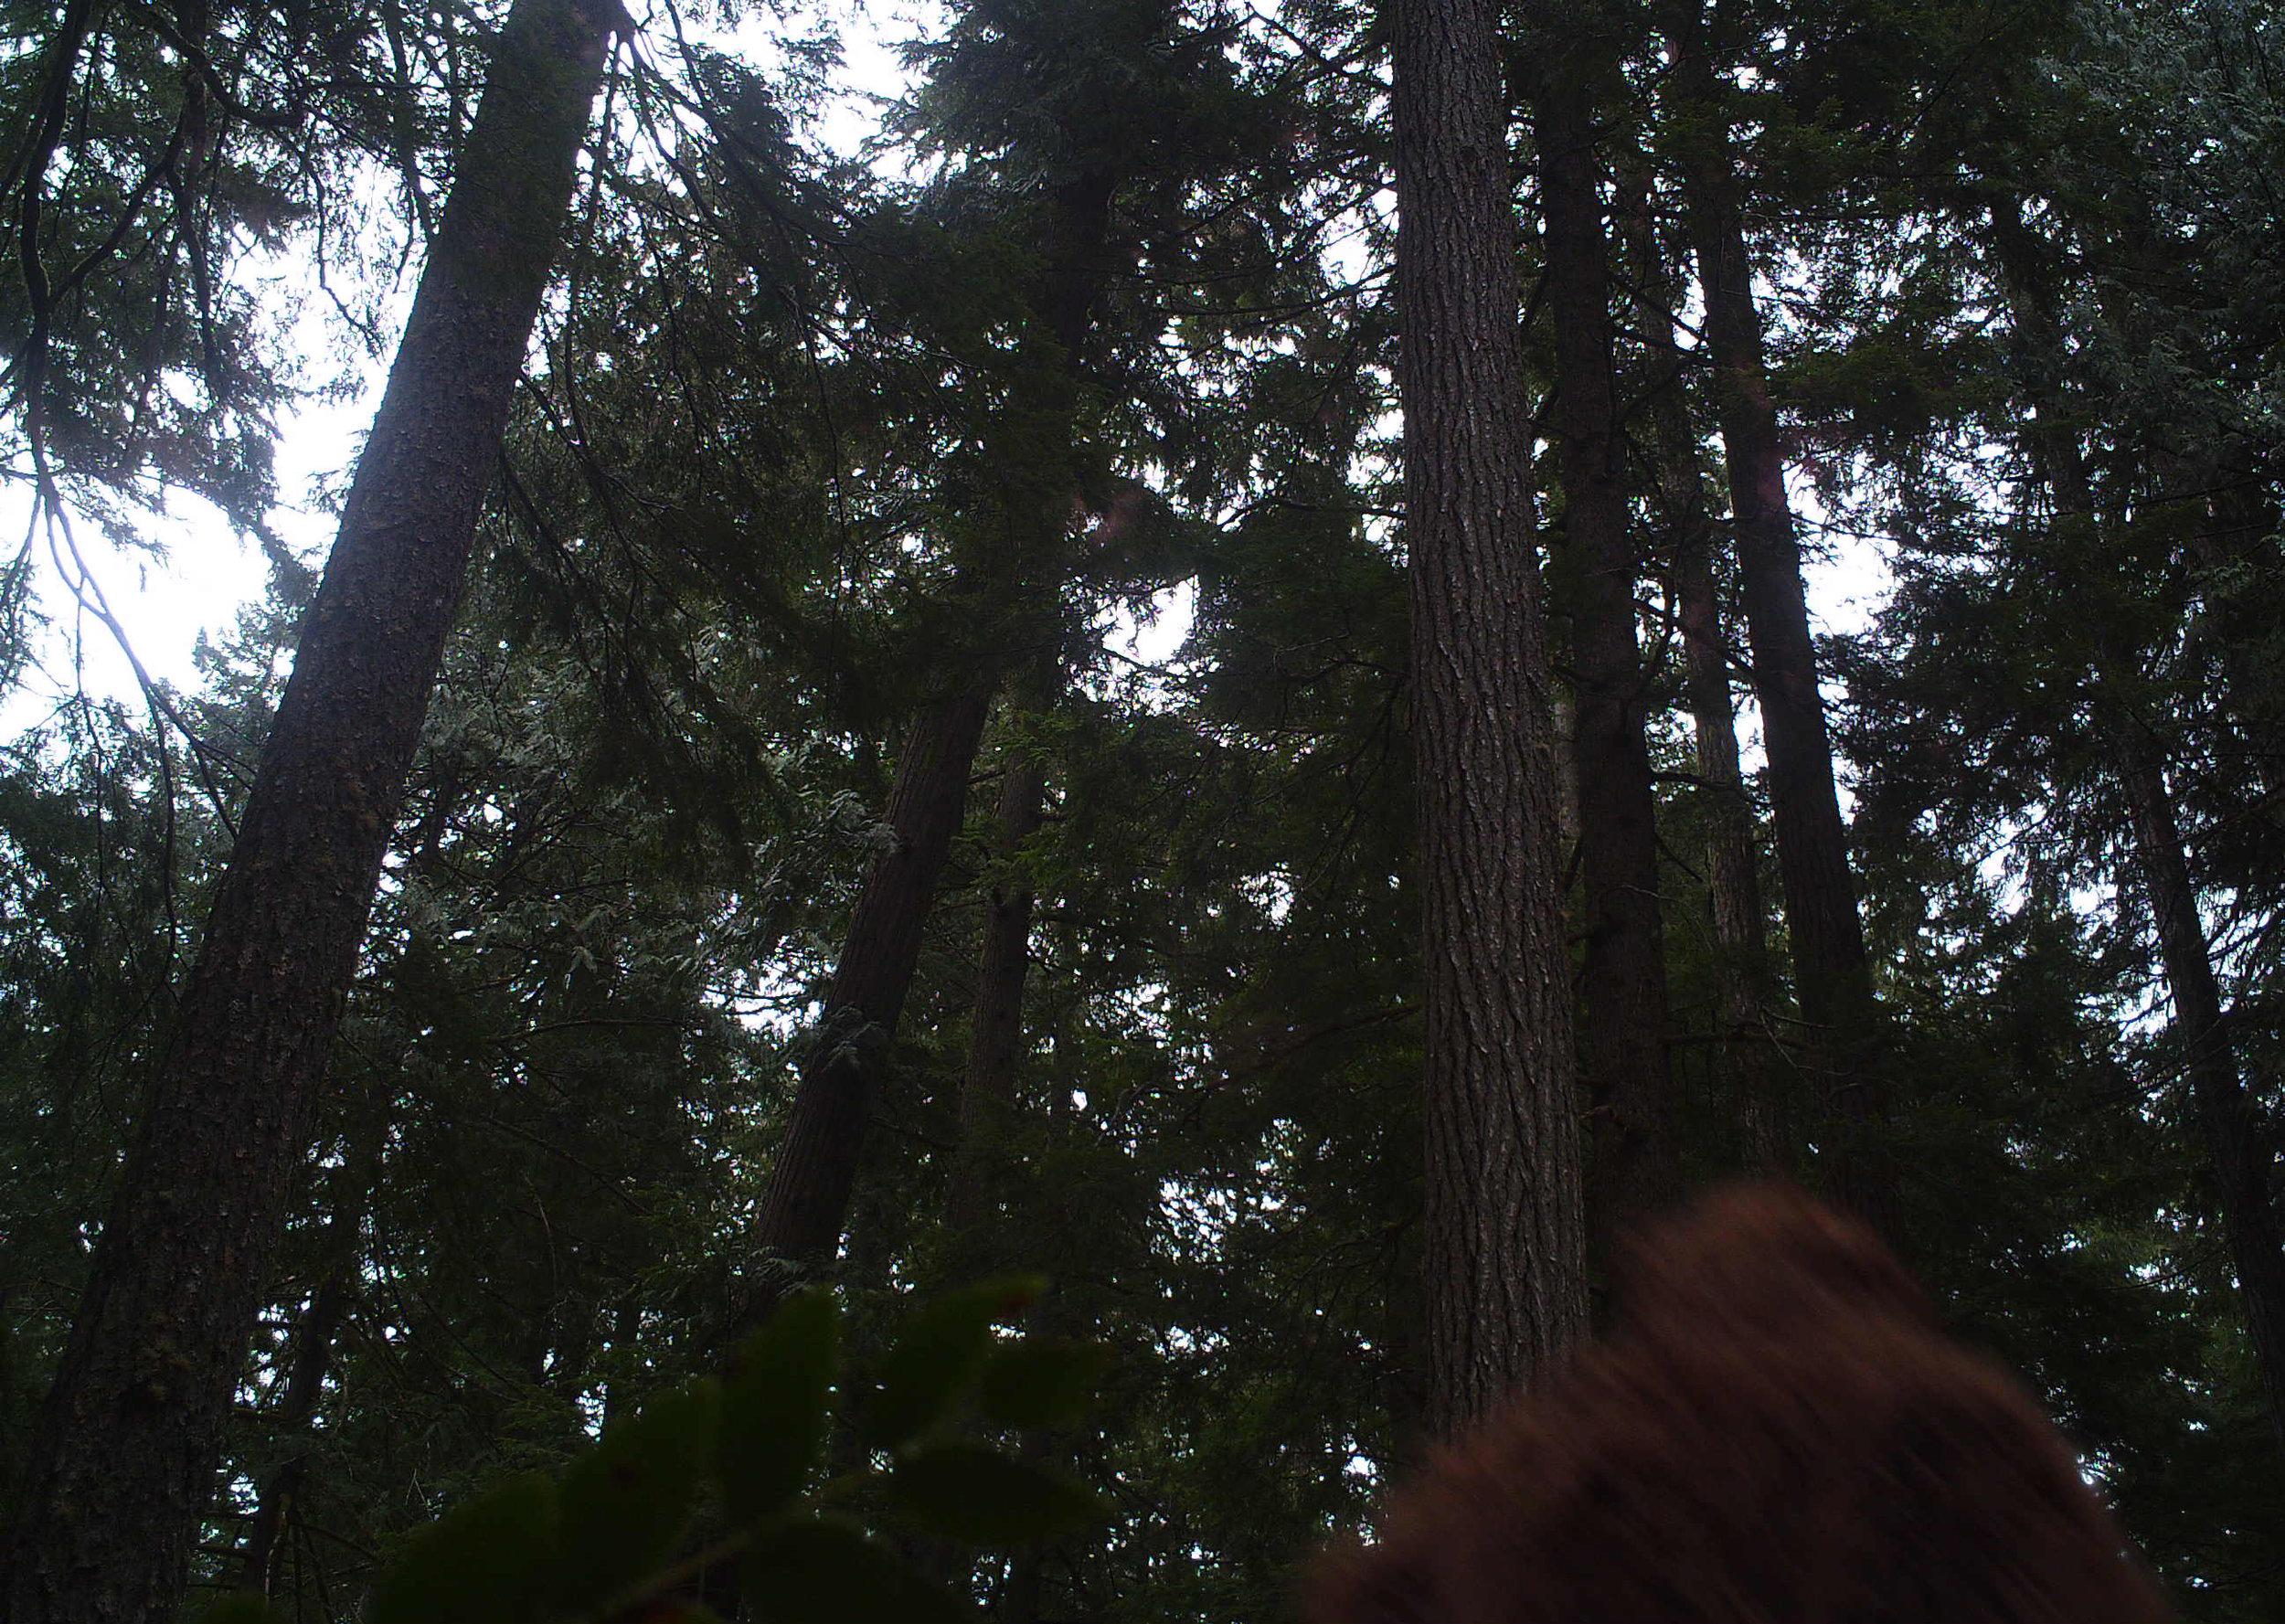 Sasquatch Sighting, Up